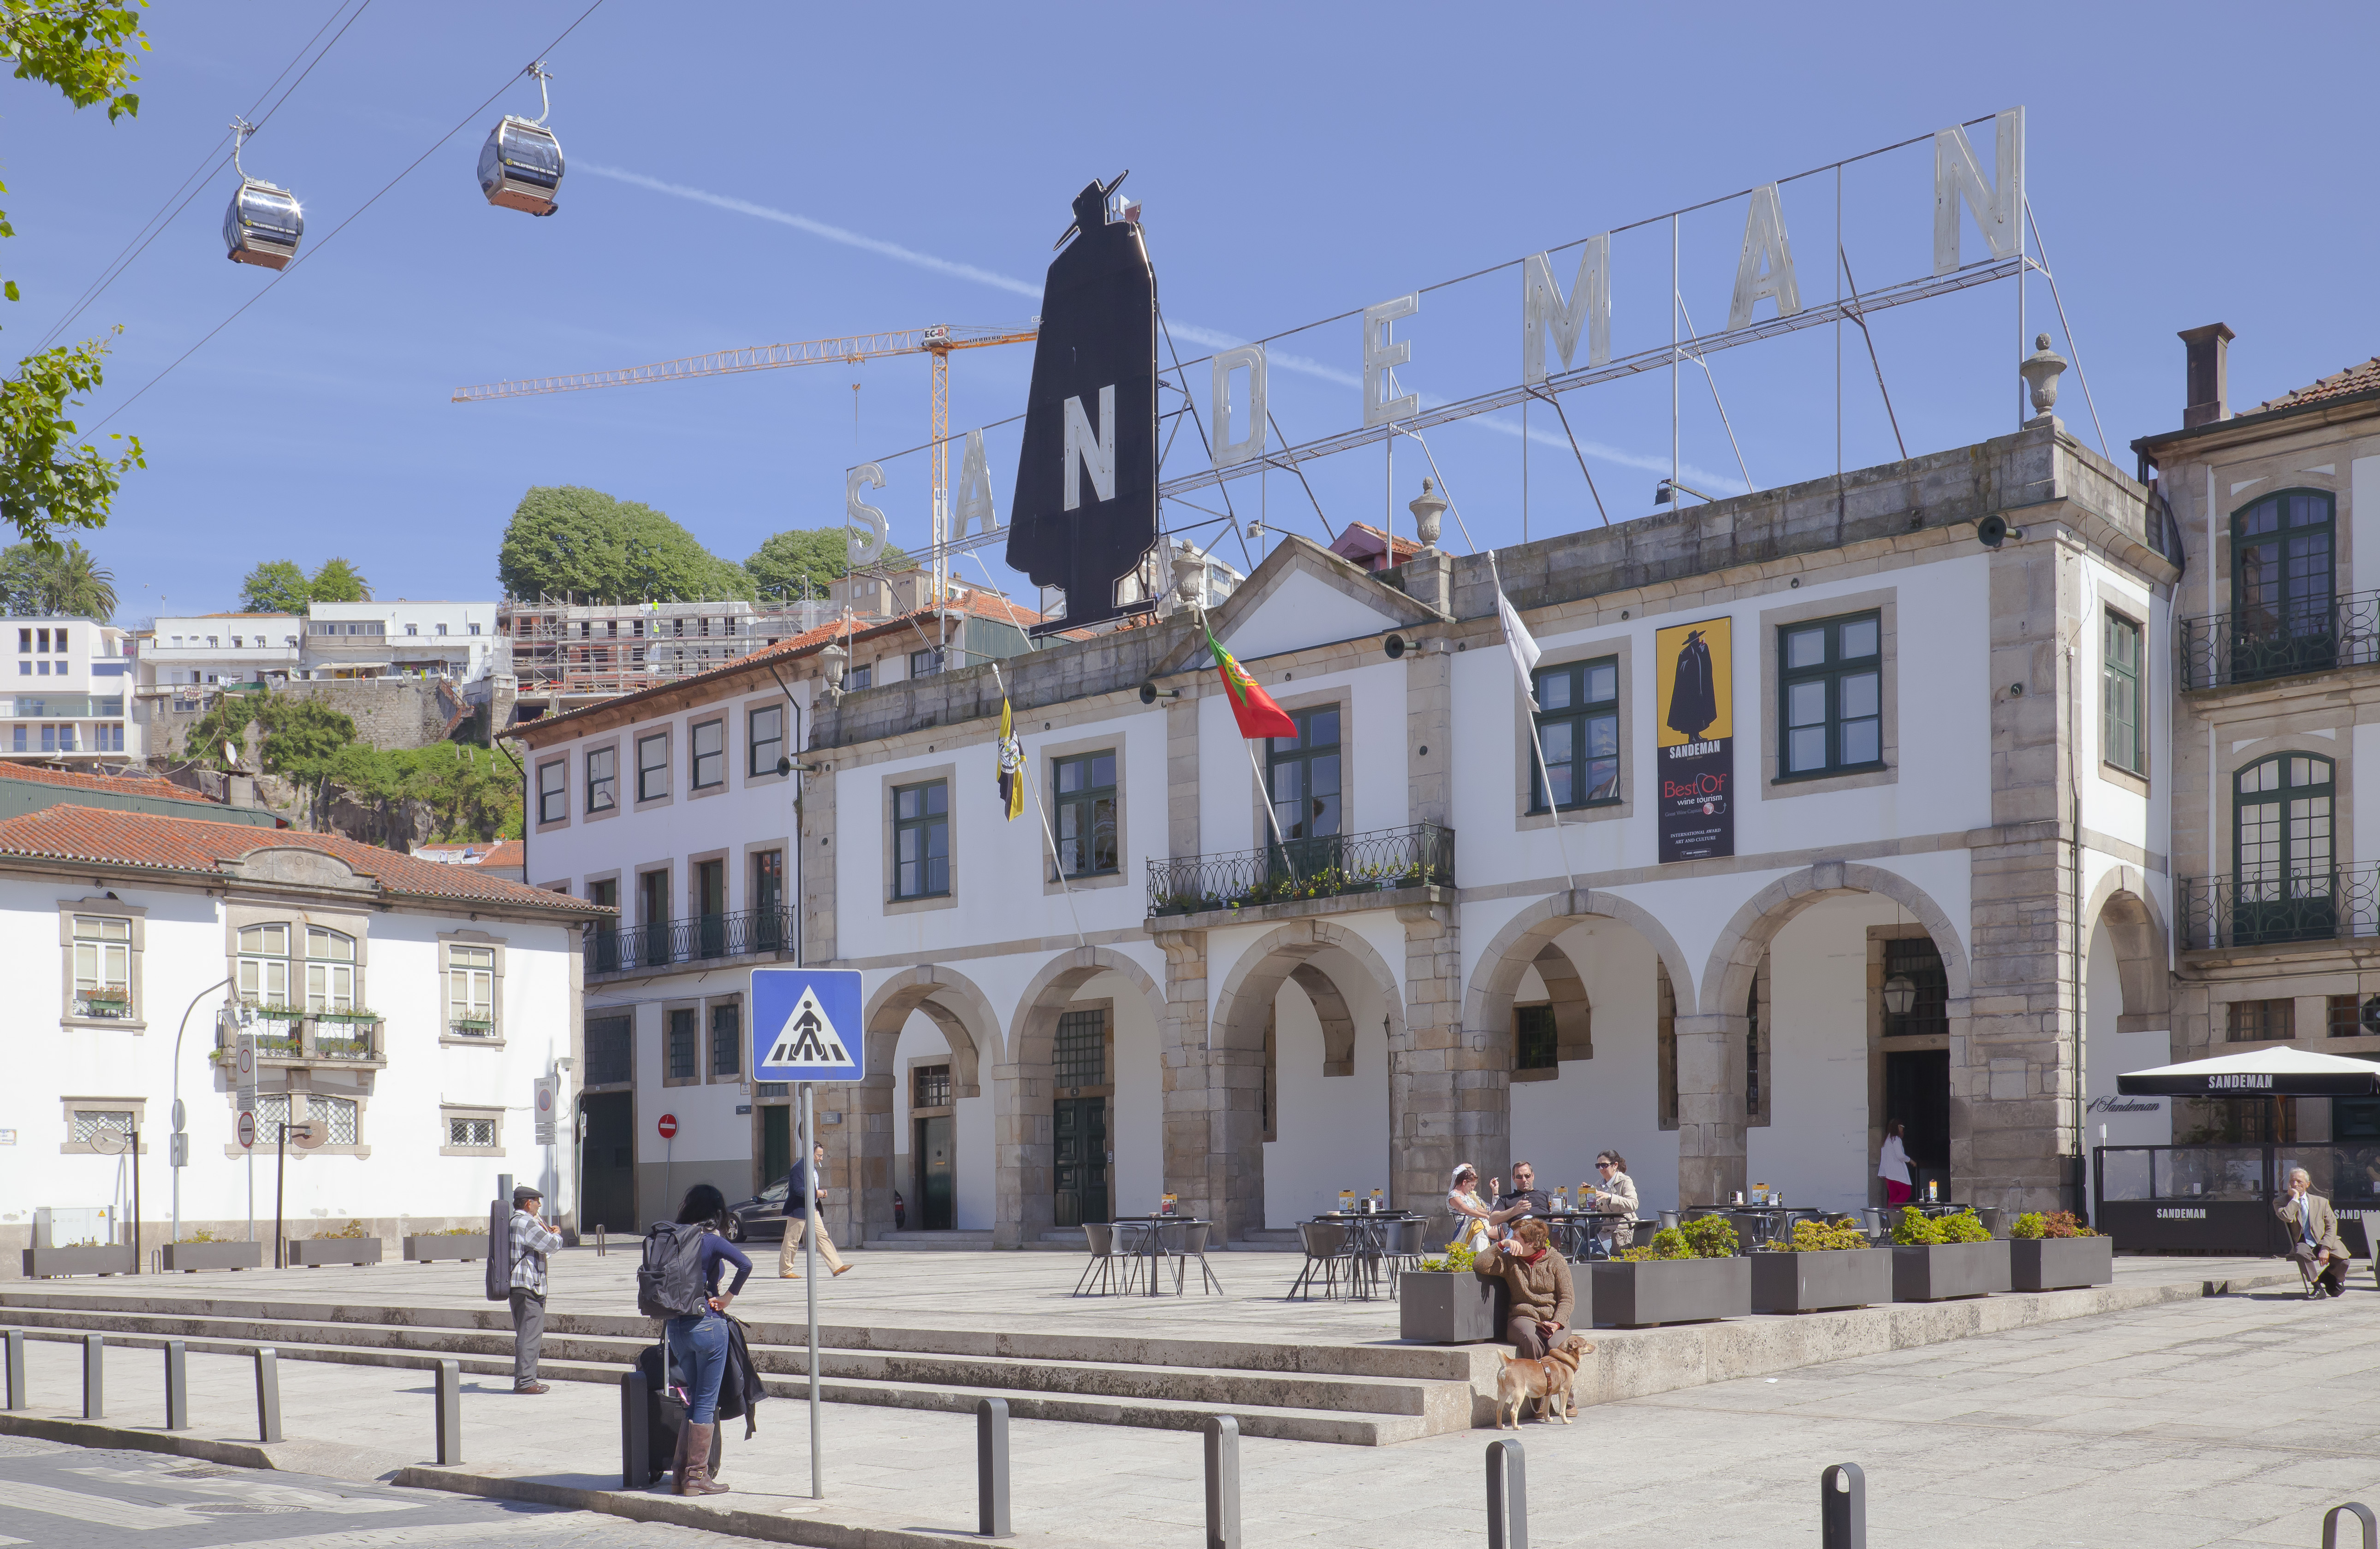 Vila Nova De Gaia Portugal  city pictures gallery : Bodega Sandeman, Vila Nova de Gaia, Portugal, 2012 05 09, DD 05 ...